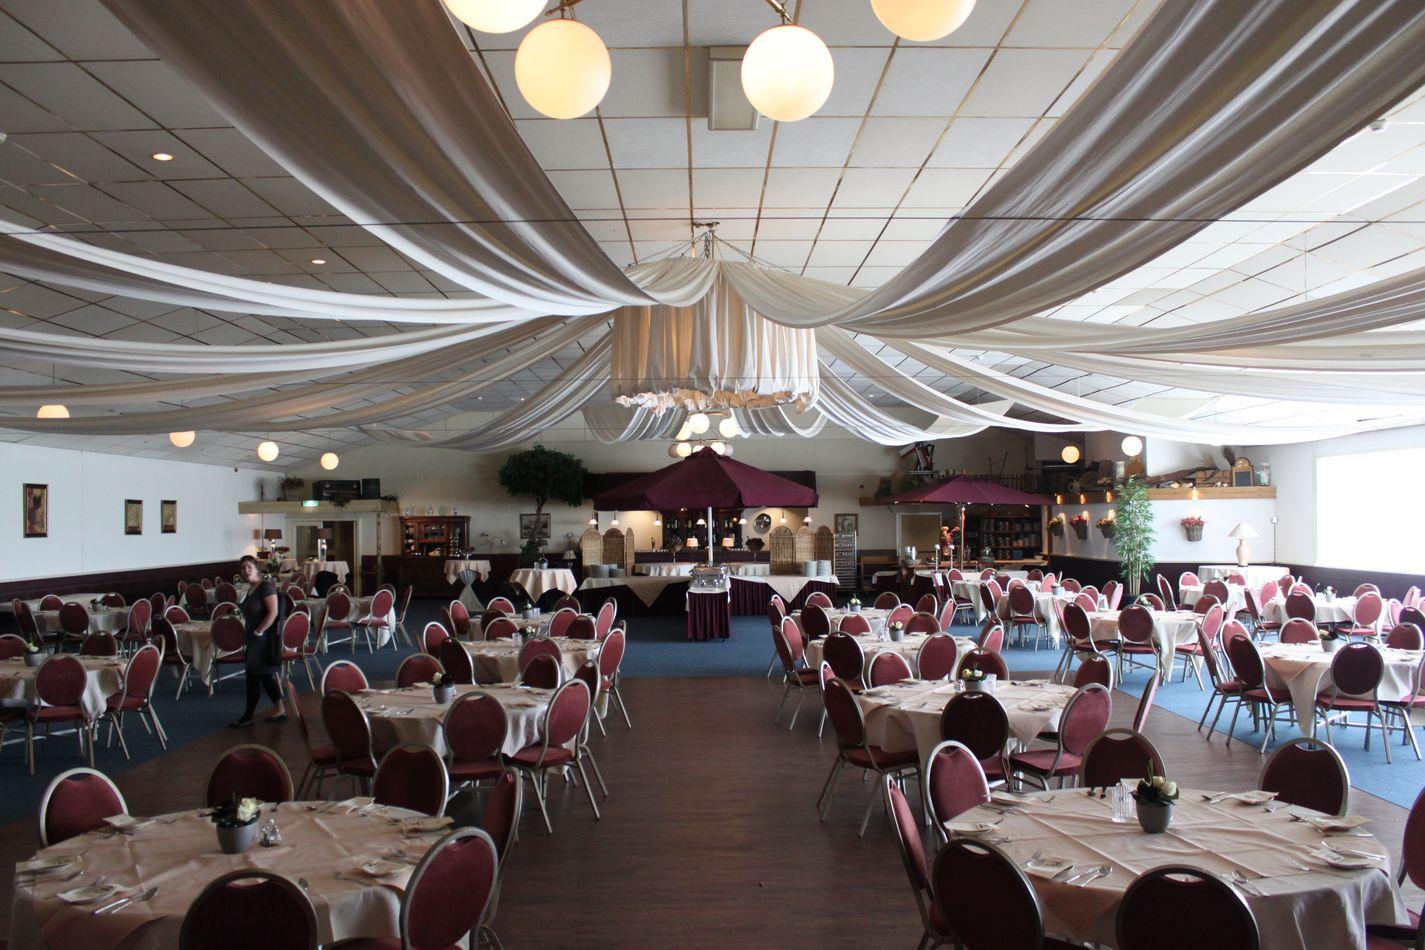 De grote zaal van Partycentrum De Molen biedt ruimte aan maximaal 450 personen voor een bruiloft en tot maximaal 750 personen voor vergaderingen, herdenkingsdiensten, congressen - Eigen foto